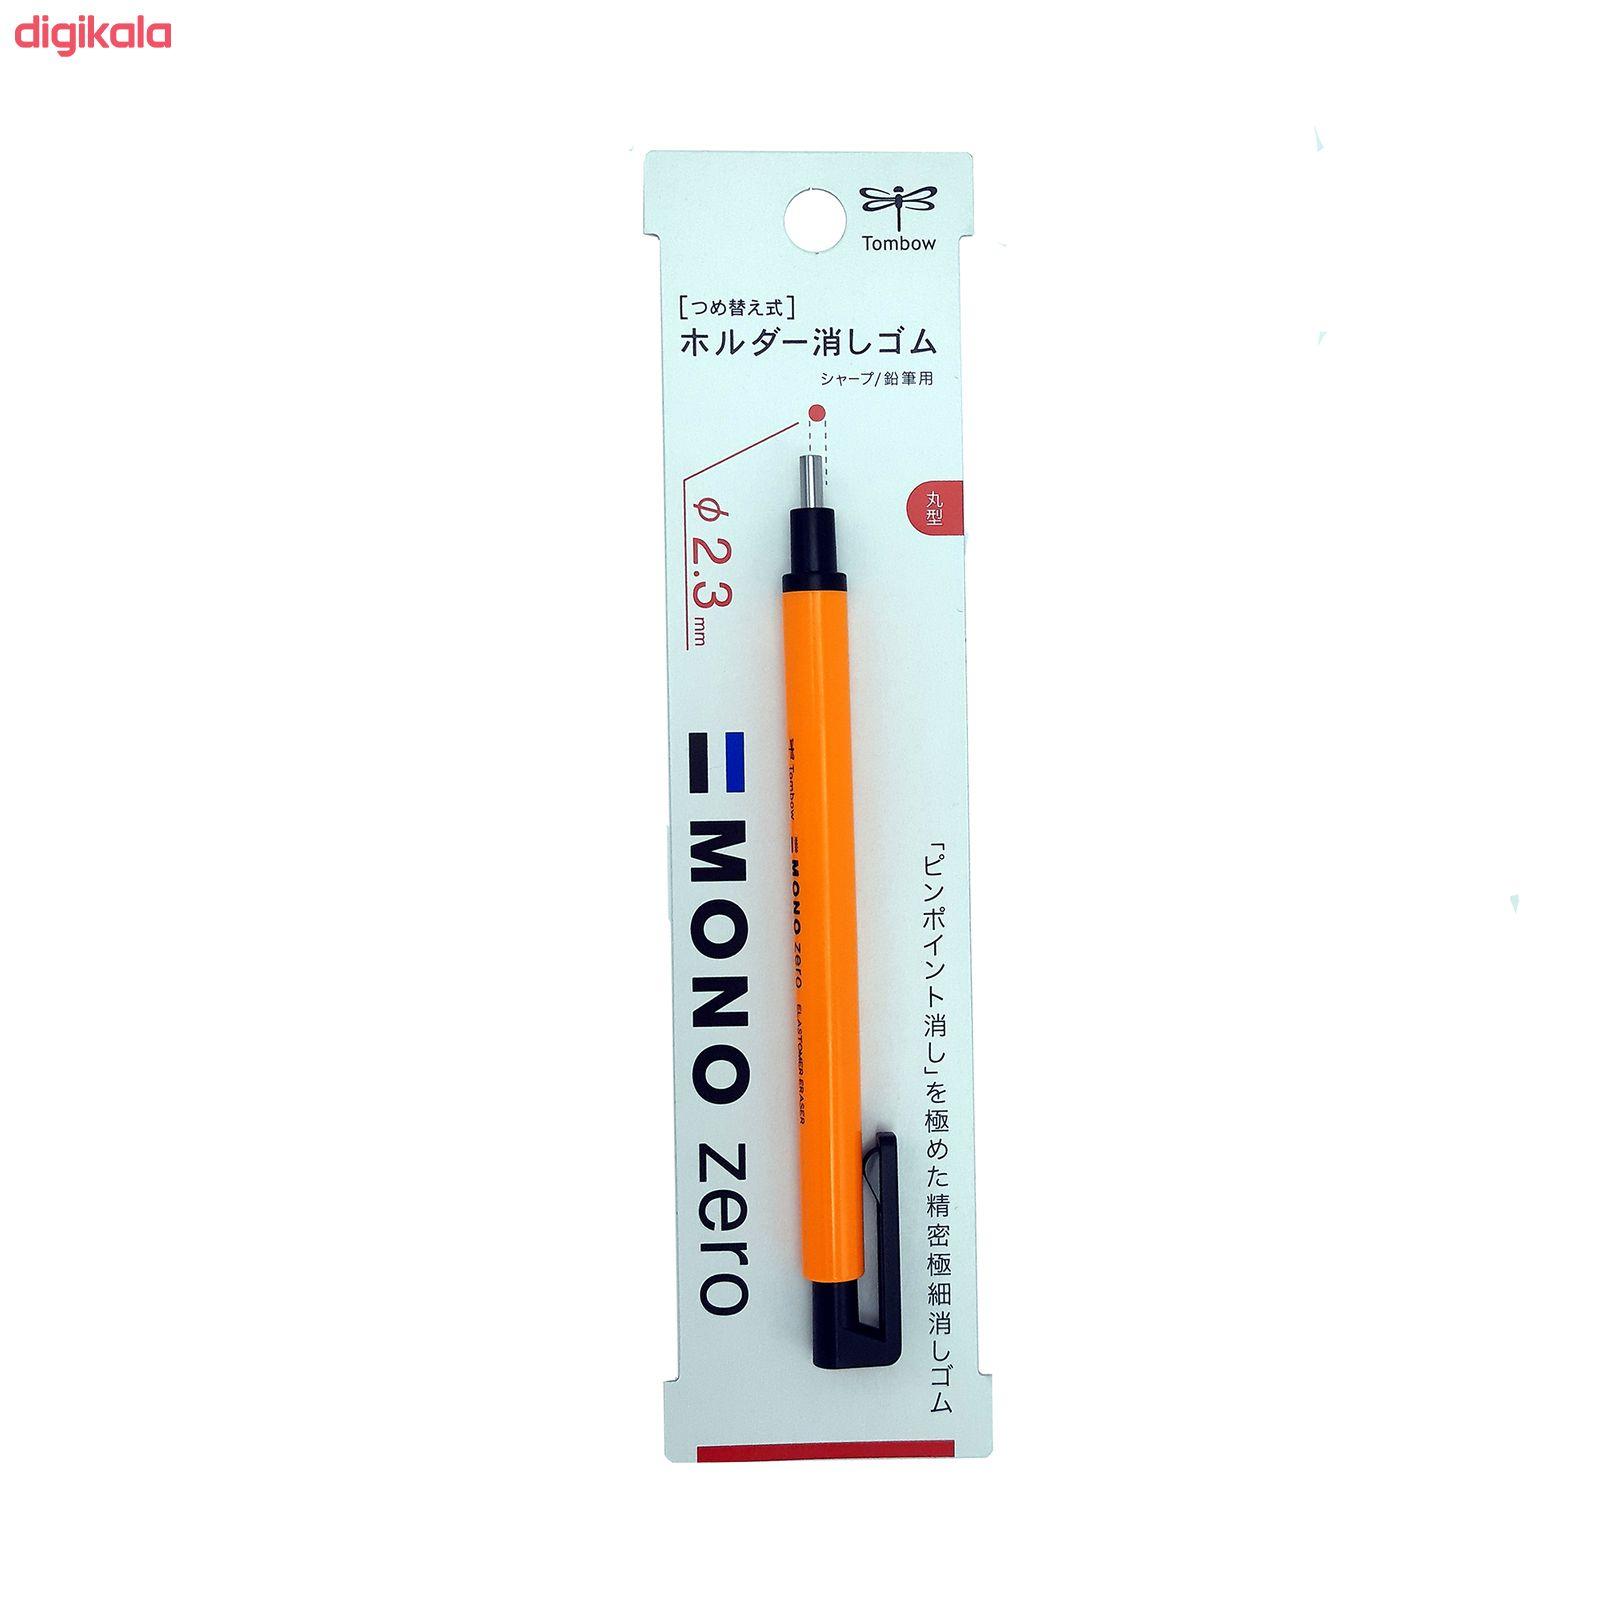 پاک کن اتودی تومبو مدل مونو زیرو main 1 11